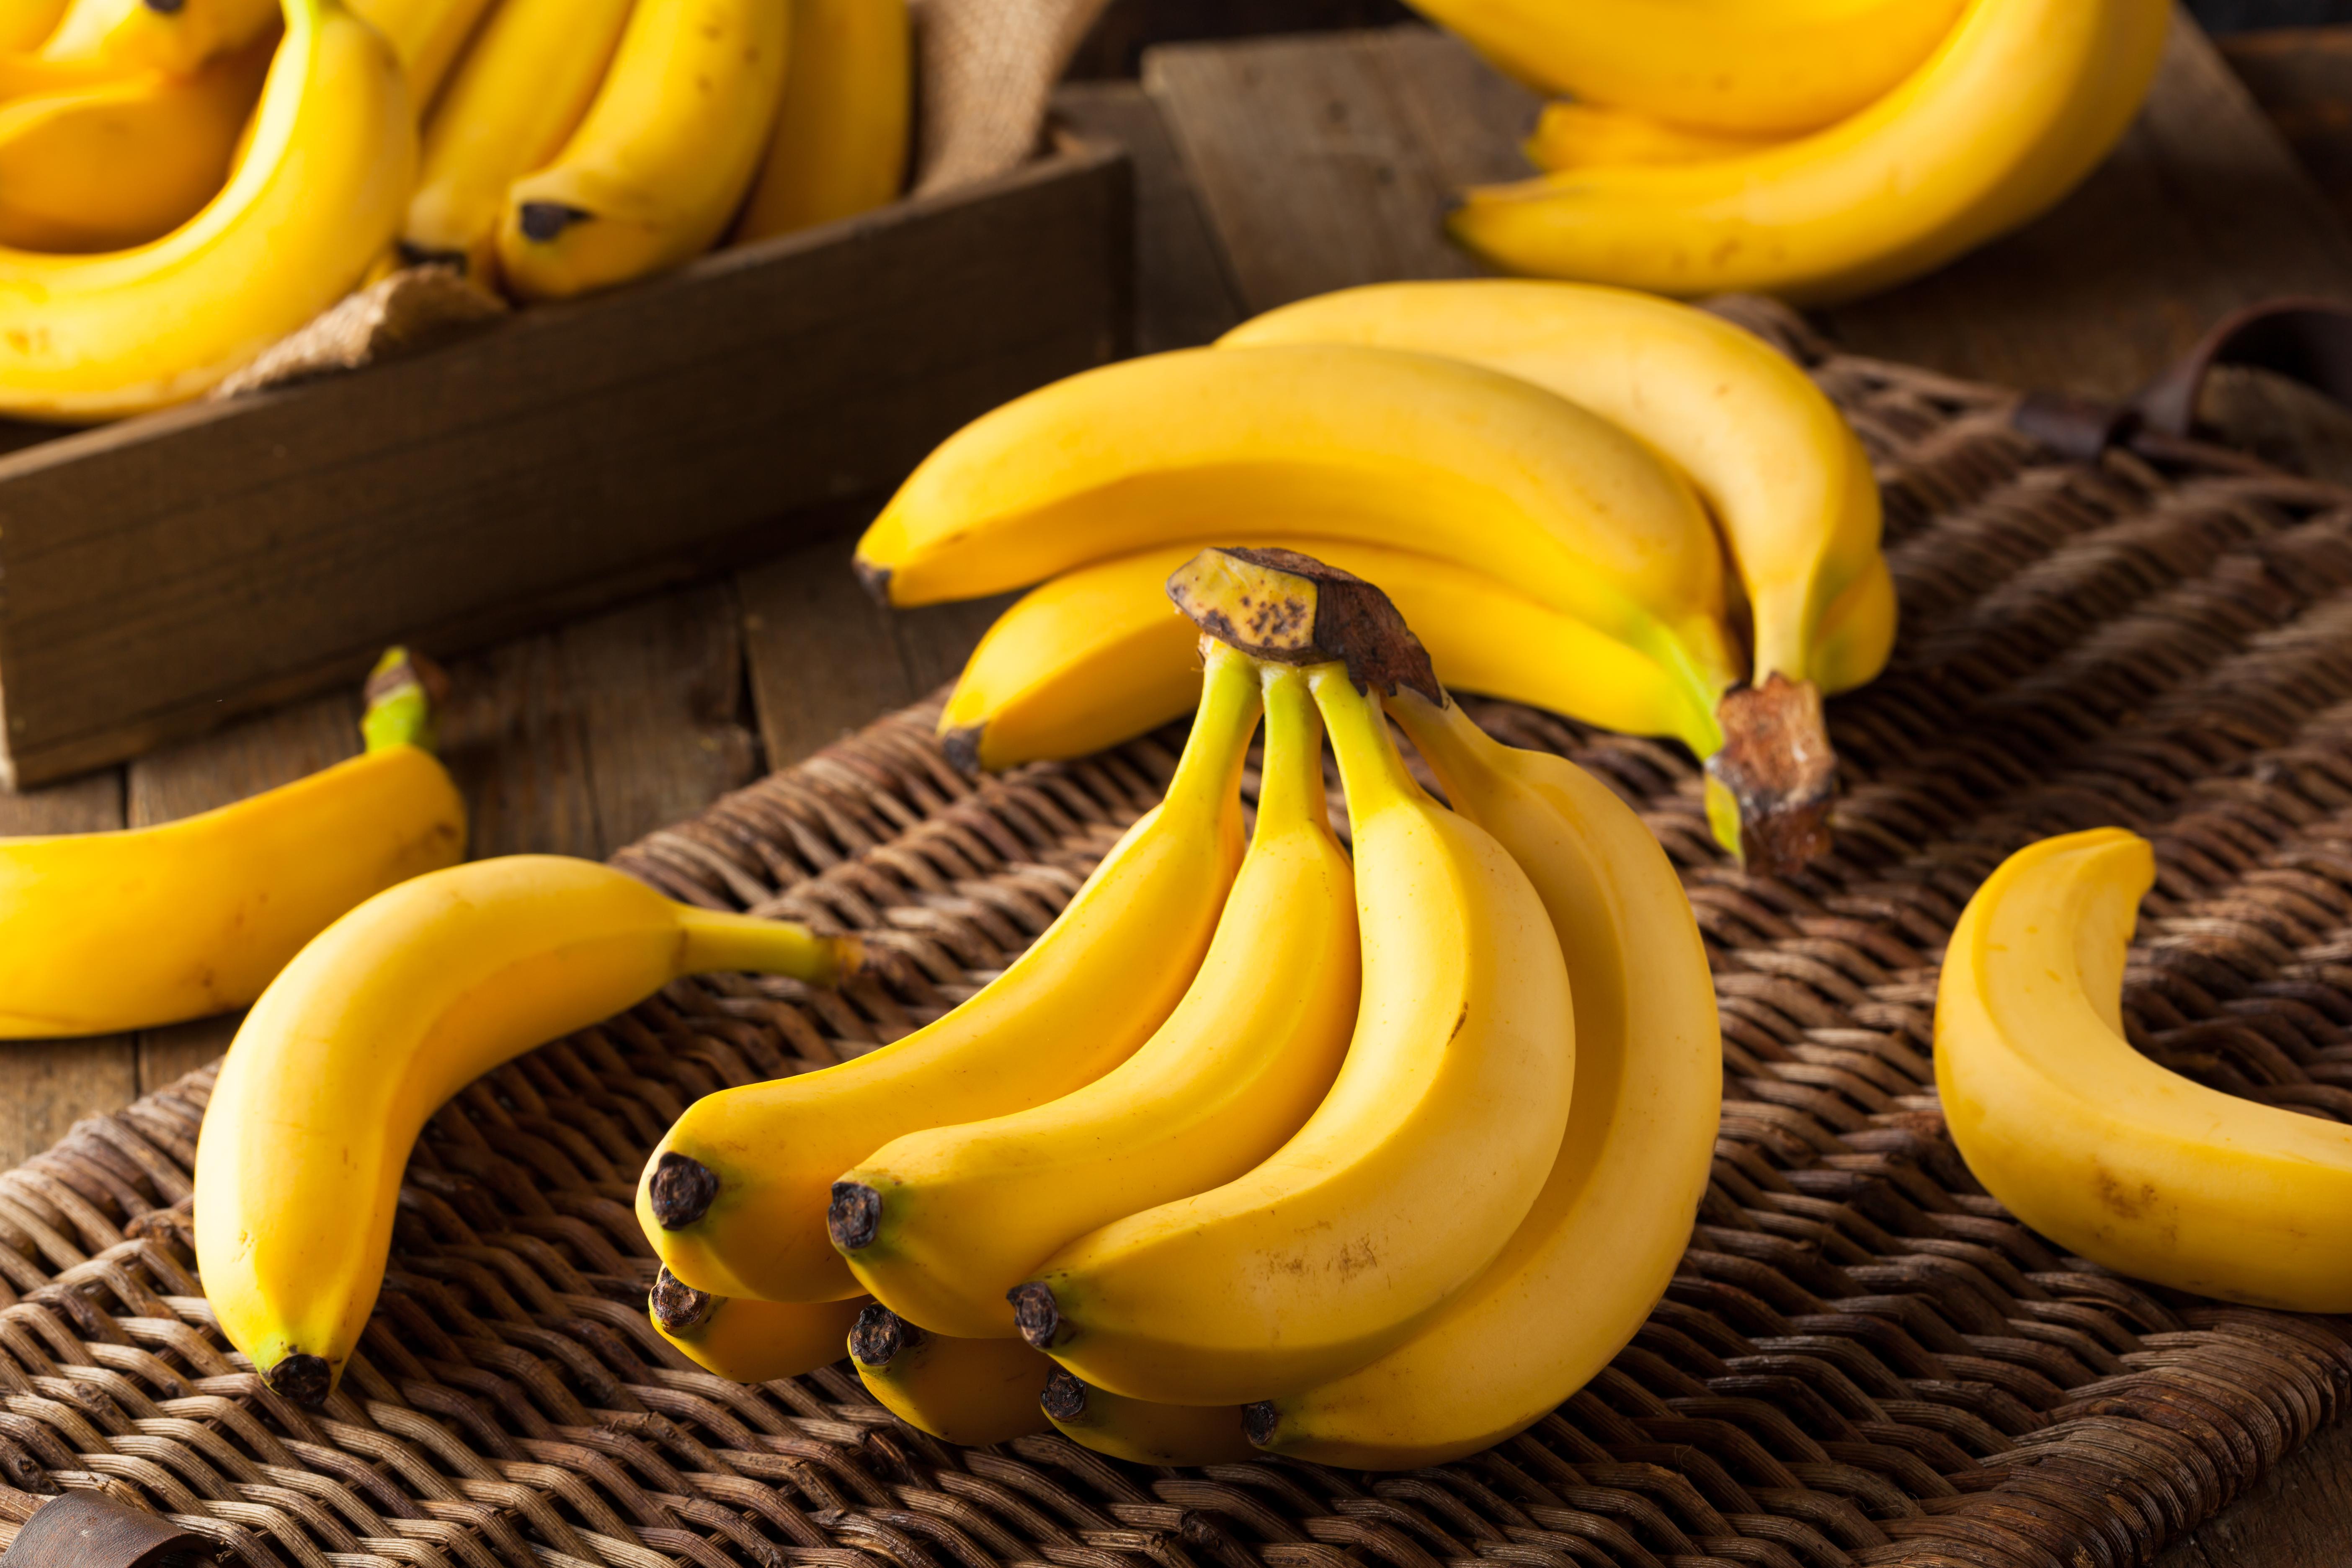 <p><strong>Банани </strong></p>  <p>В състава им има много глюкоза и фруктоза, а освен това и фибри, които позволяват оптимално използване на енергията на въглехидратите. Ако добавите банана към закуската си, ще имате бодрост и сили поне до обяд. Това е отличен вариант и за следобедна закуска, особено при натоварен работен ден.</p>